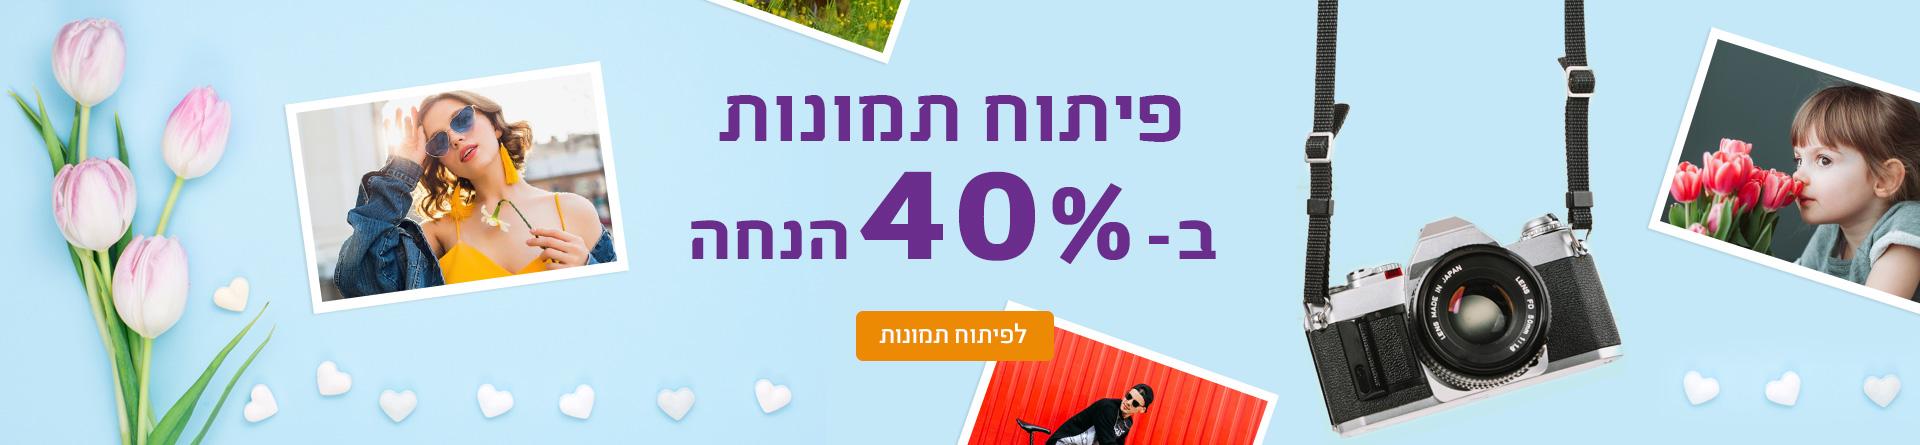 באנר פלזמה פיתוח תמונות 40% 5.4